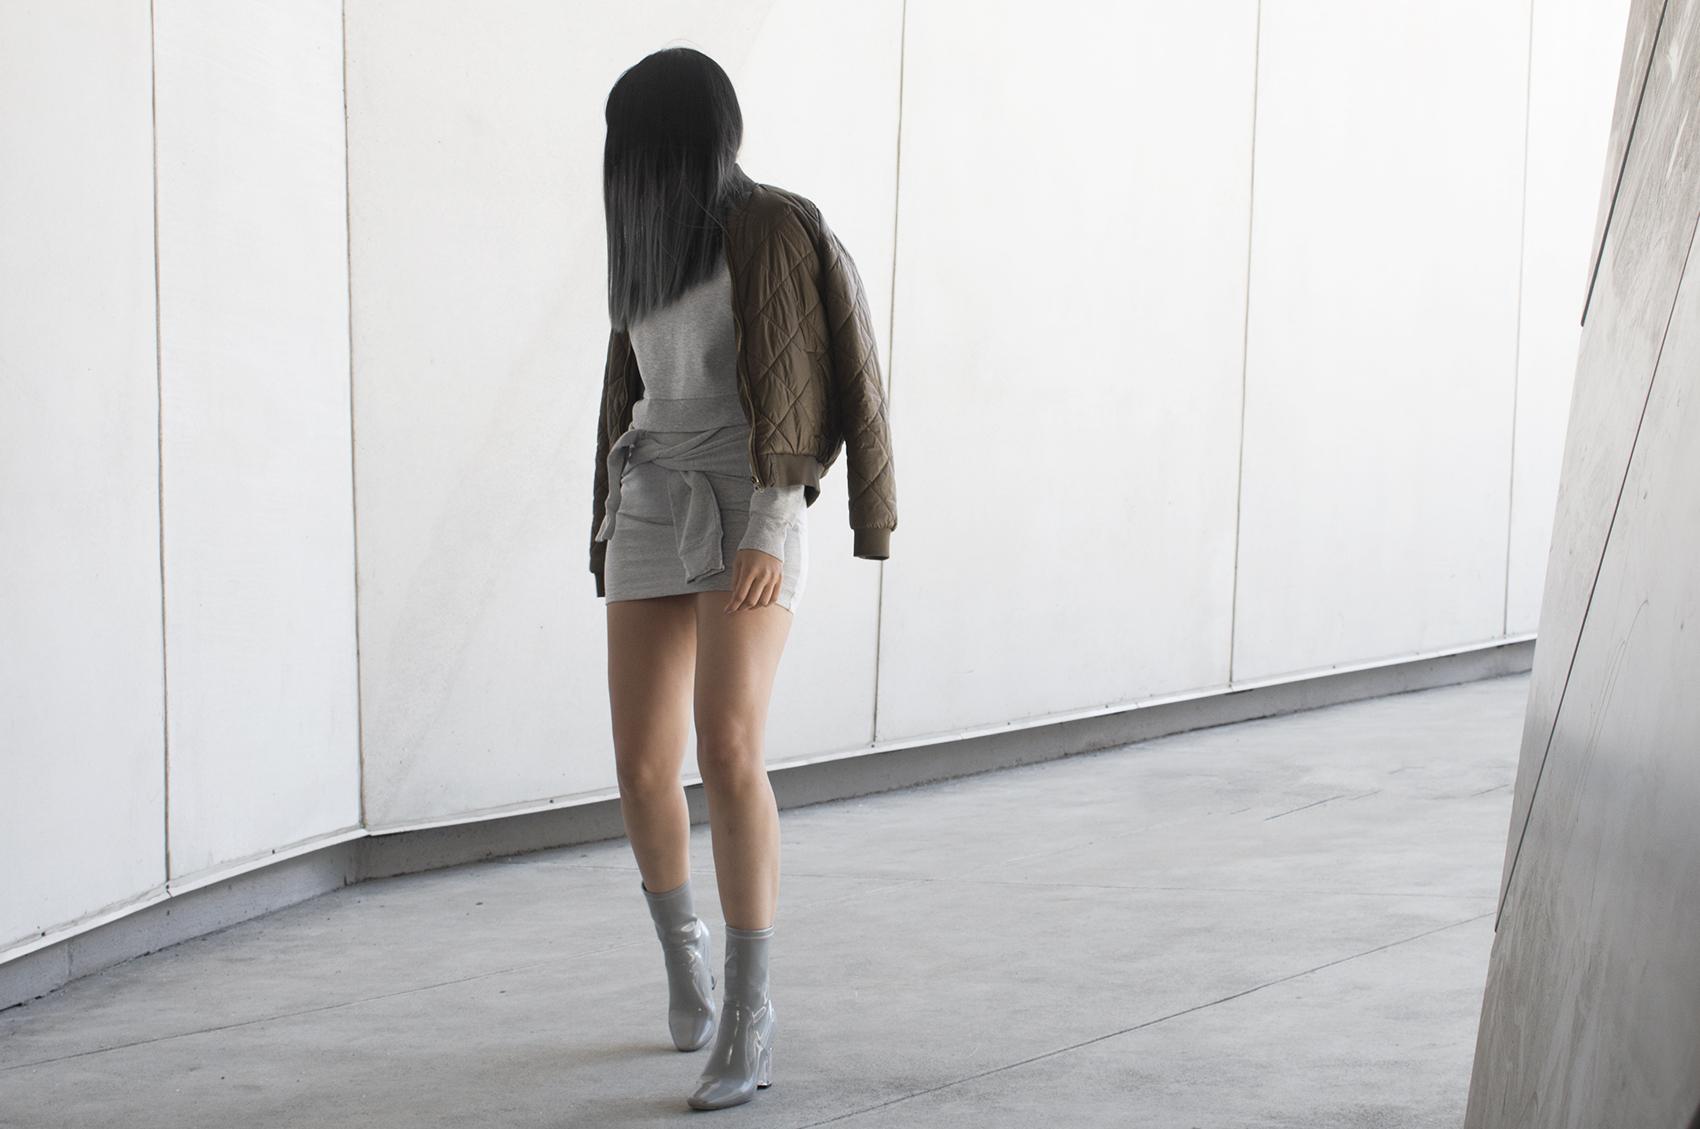 grey-sweaterskirt-1-crop-resize